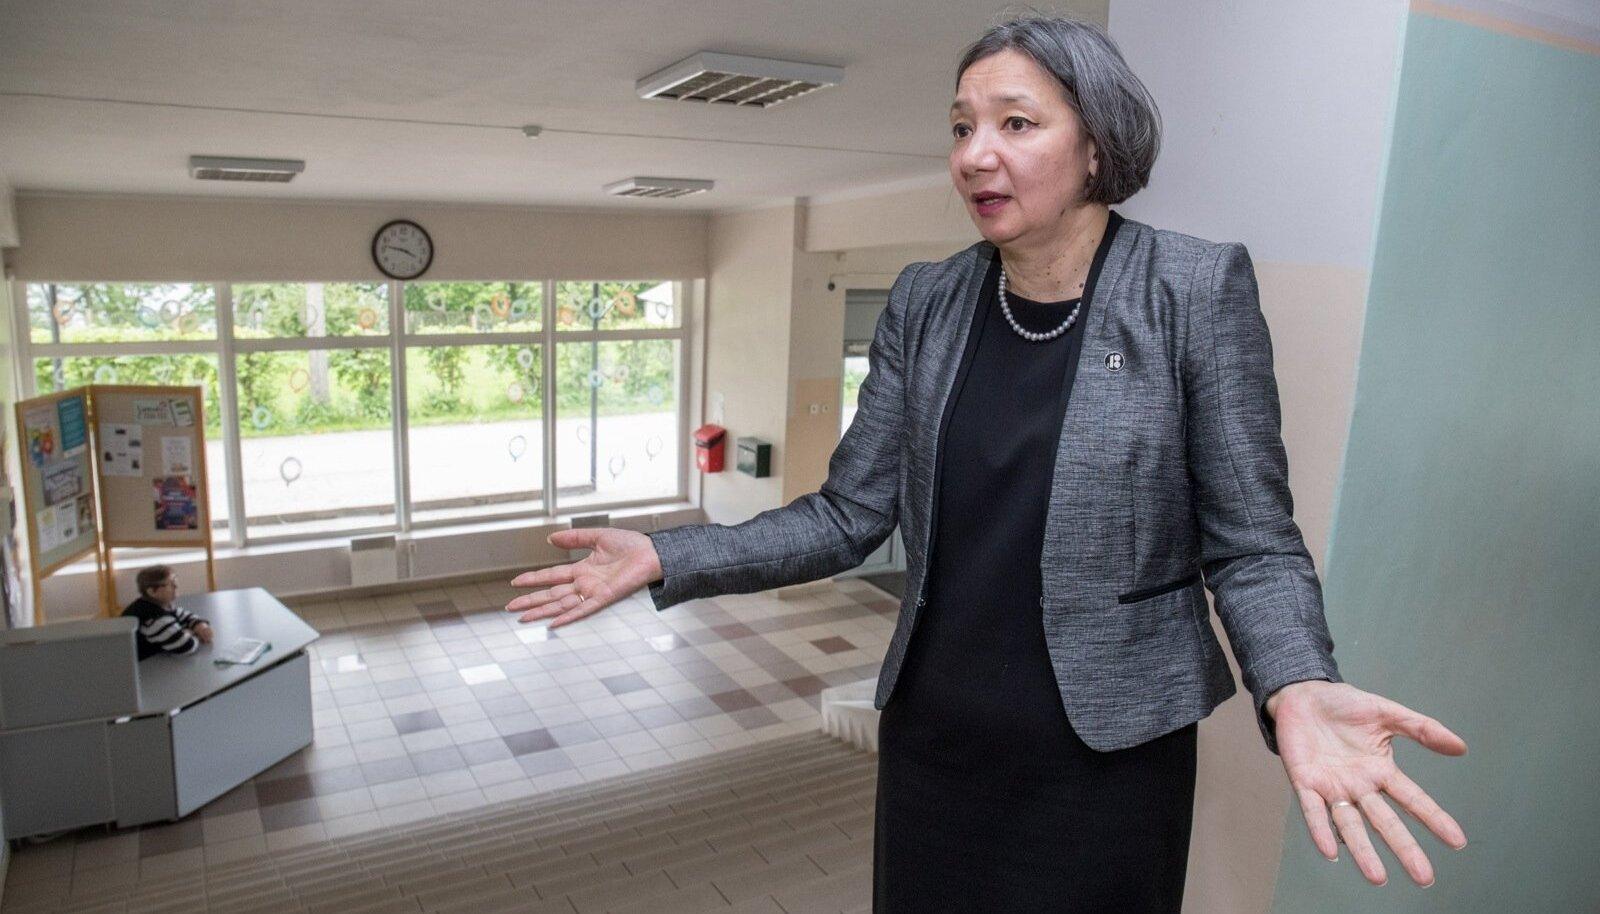 Sillamäe vanalinna kooli direktor Irina Lju ütleb, et koolil ei lasu kohustus jälgida, mida lapsed suvel teevad.